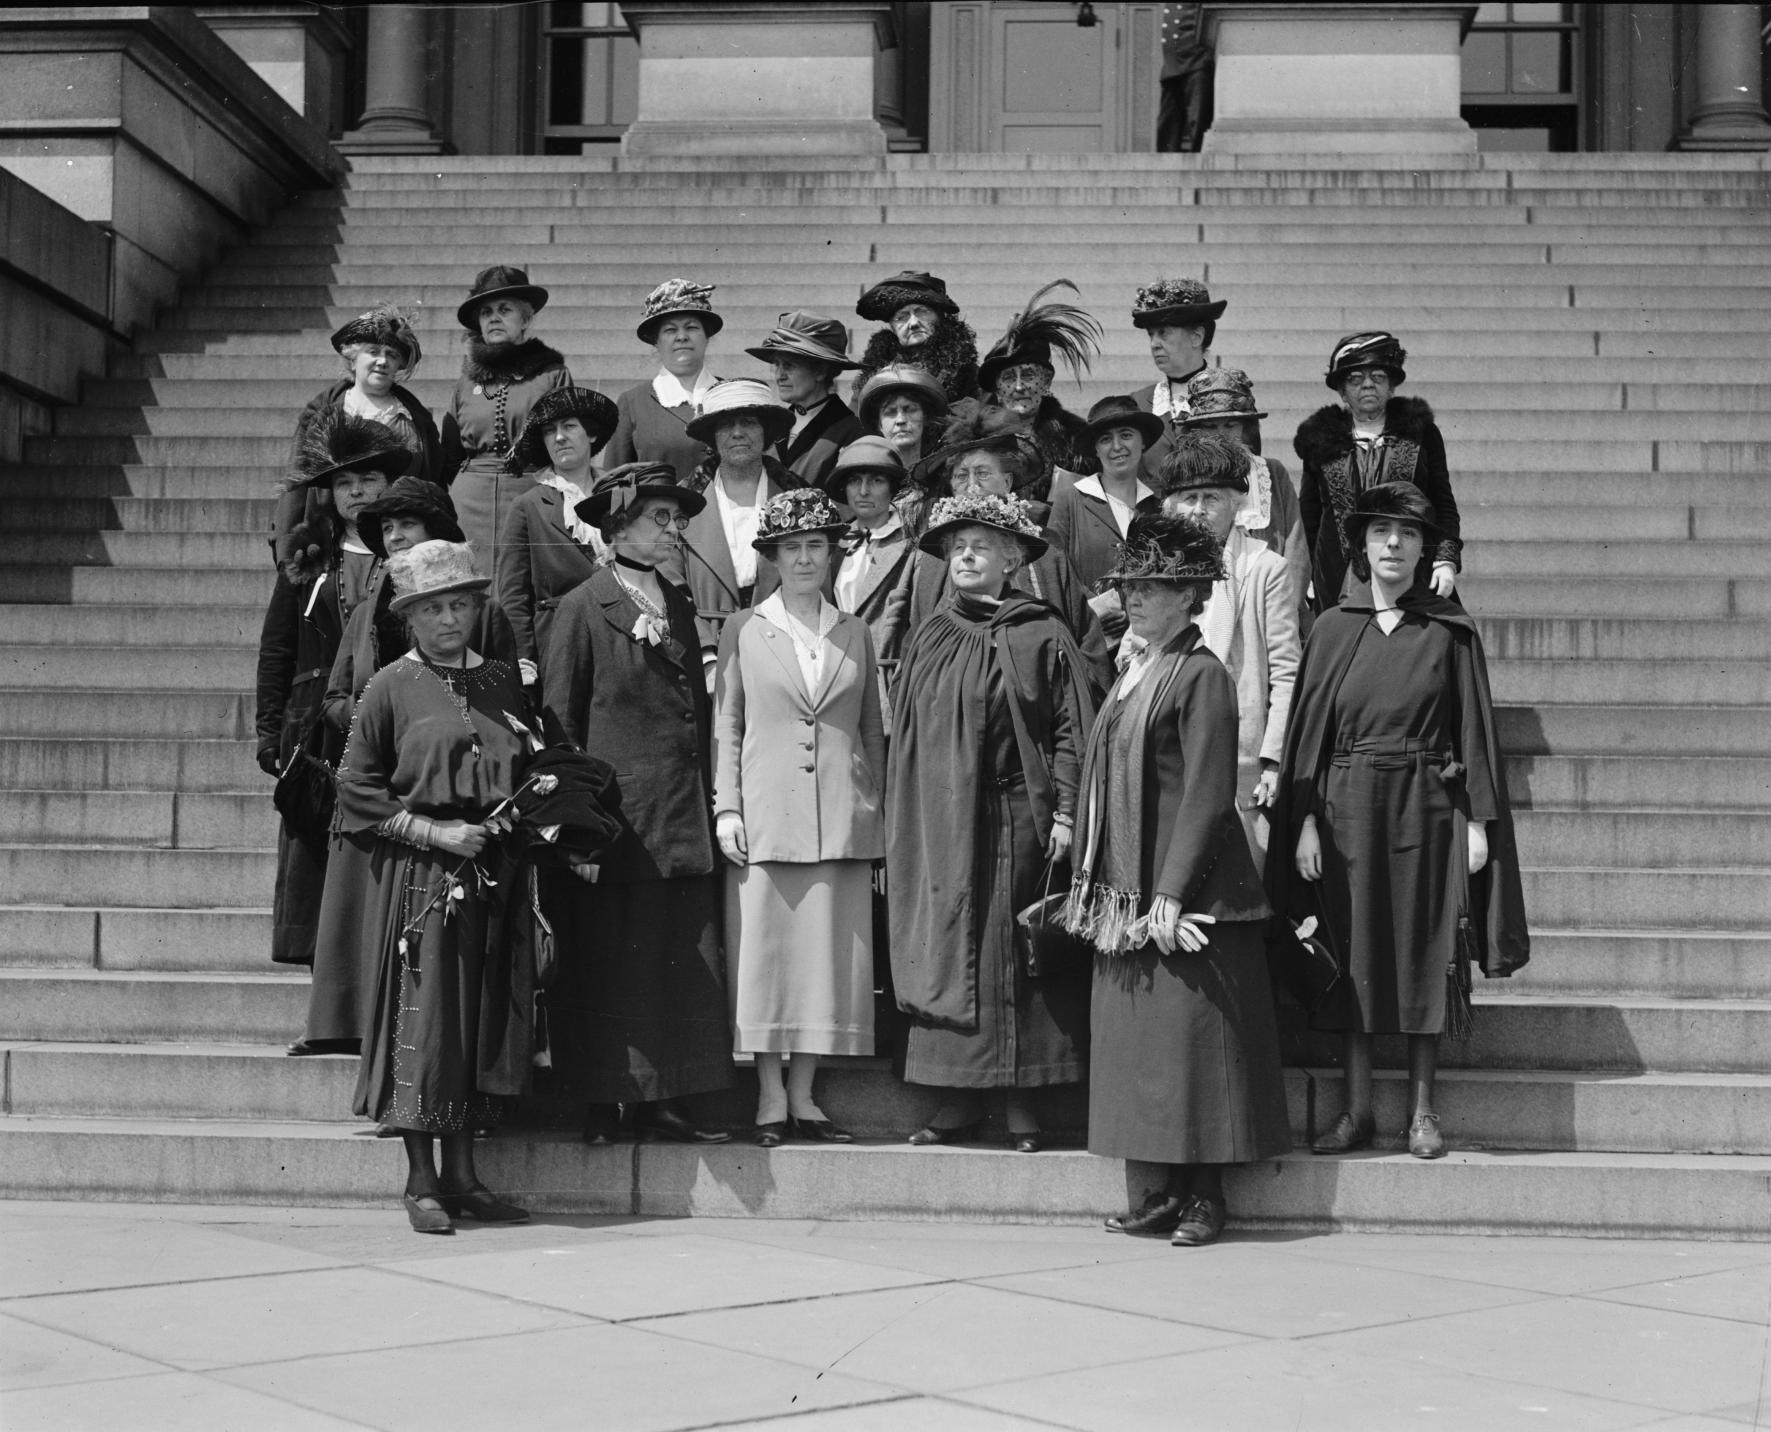 Skrivstugor på internationella kvinnodagen. Klädkod: kom som du är. Foto: Women's International League, 5/1/22, Public Domain